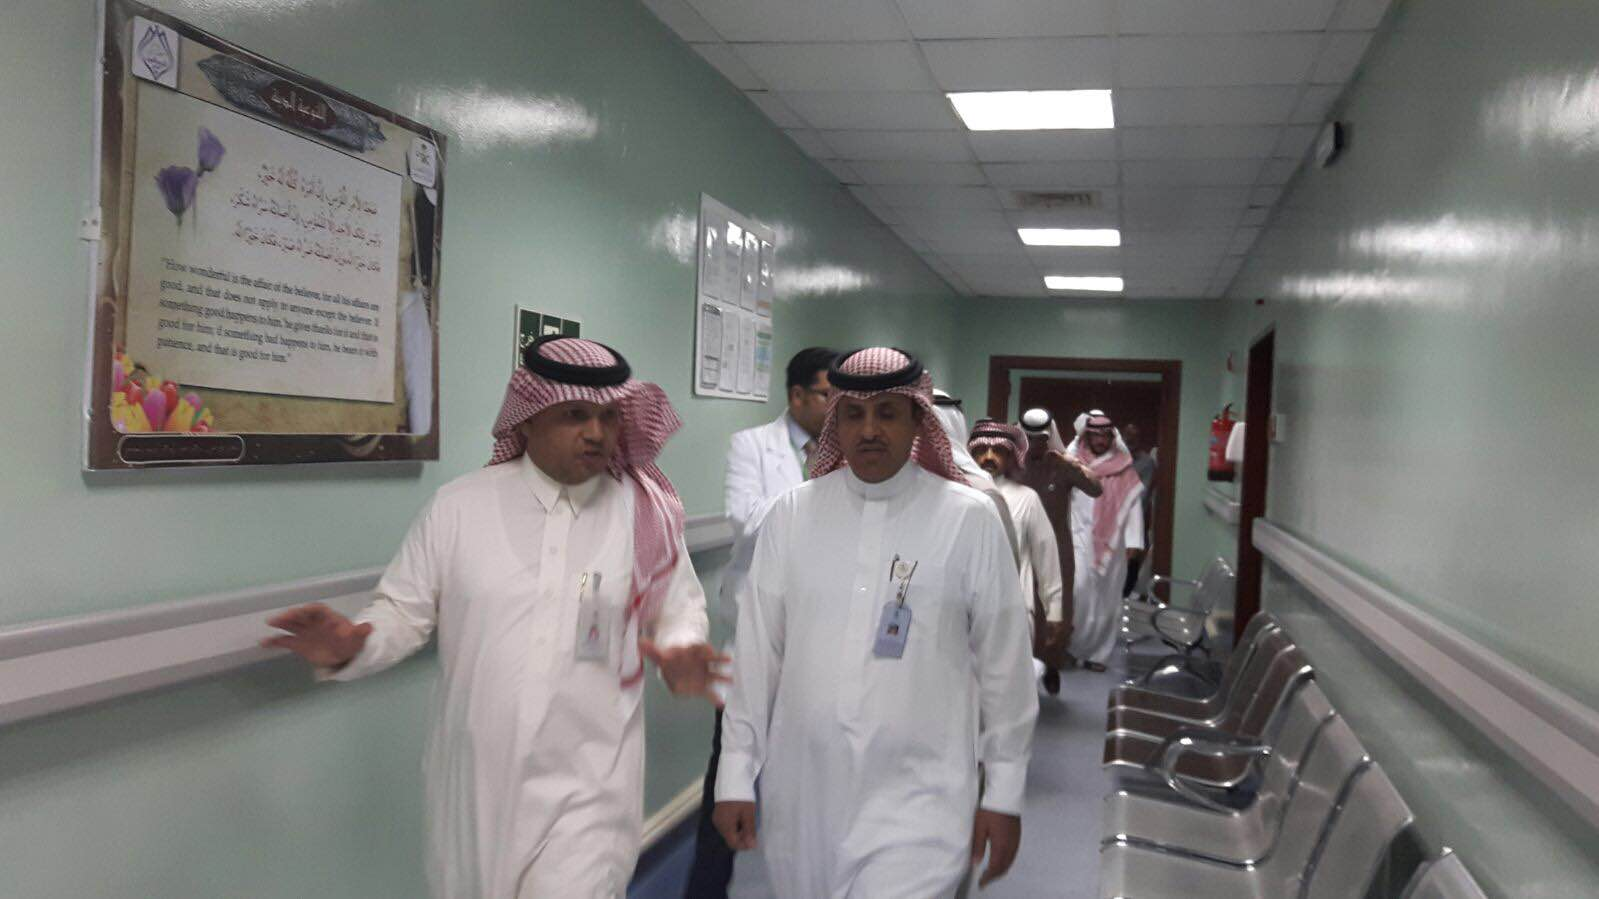 مدير صحة الباحة يوجه بعدة توجيهات بالقطاع التهامي (2)